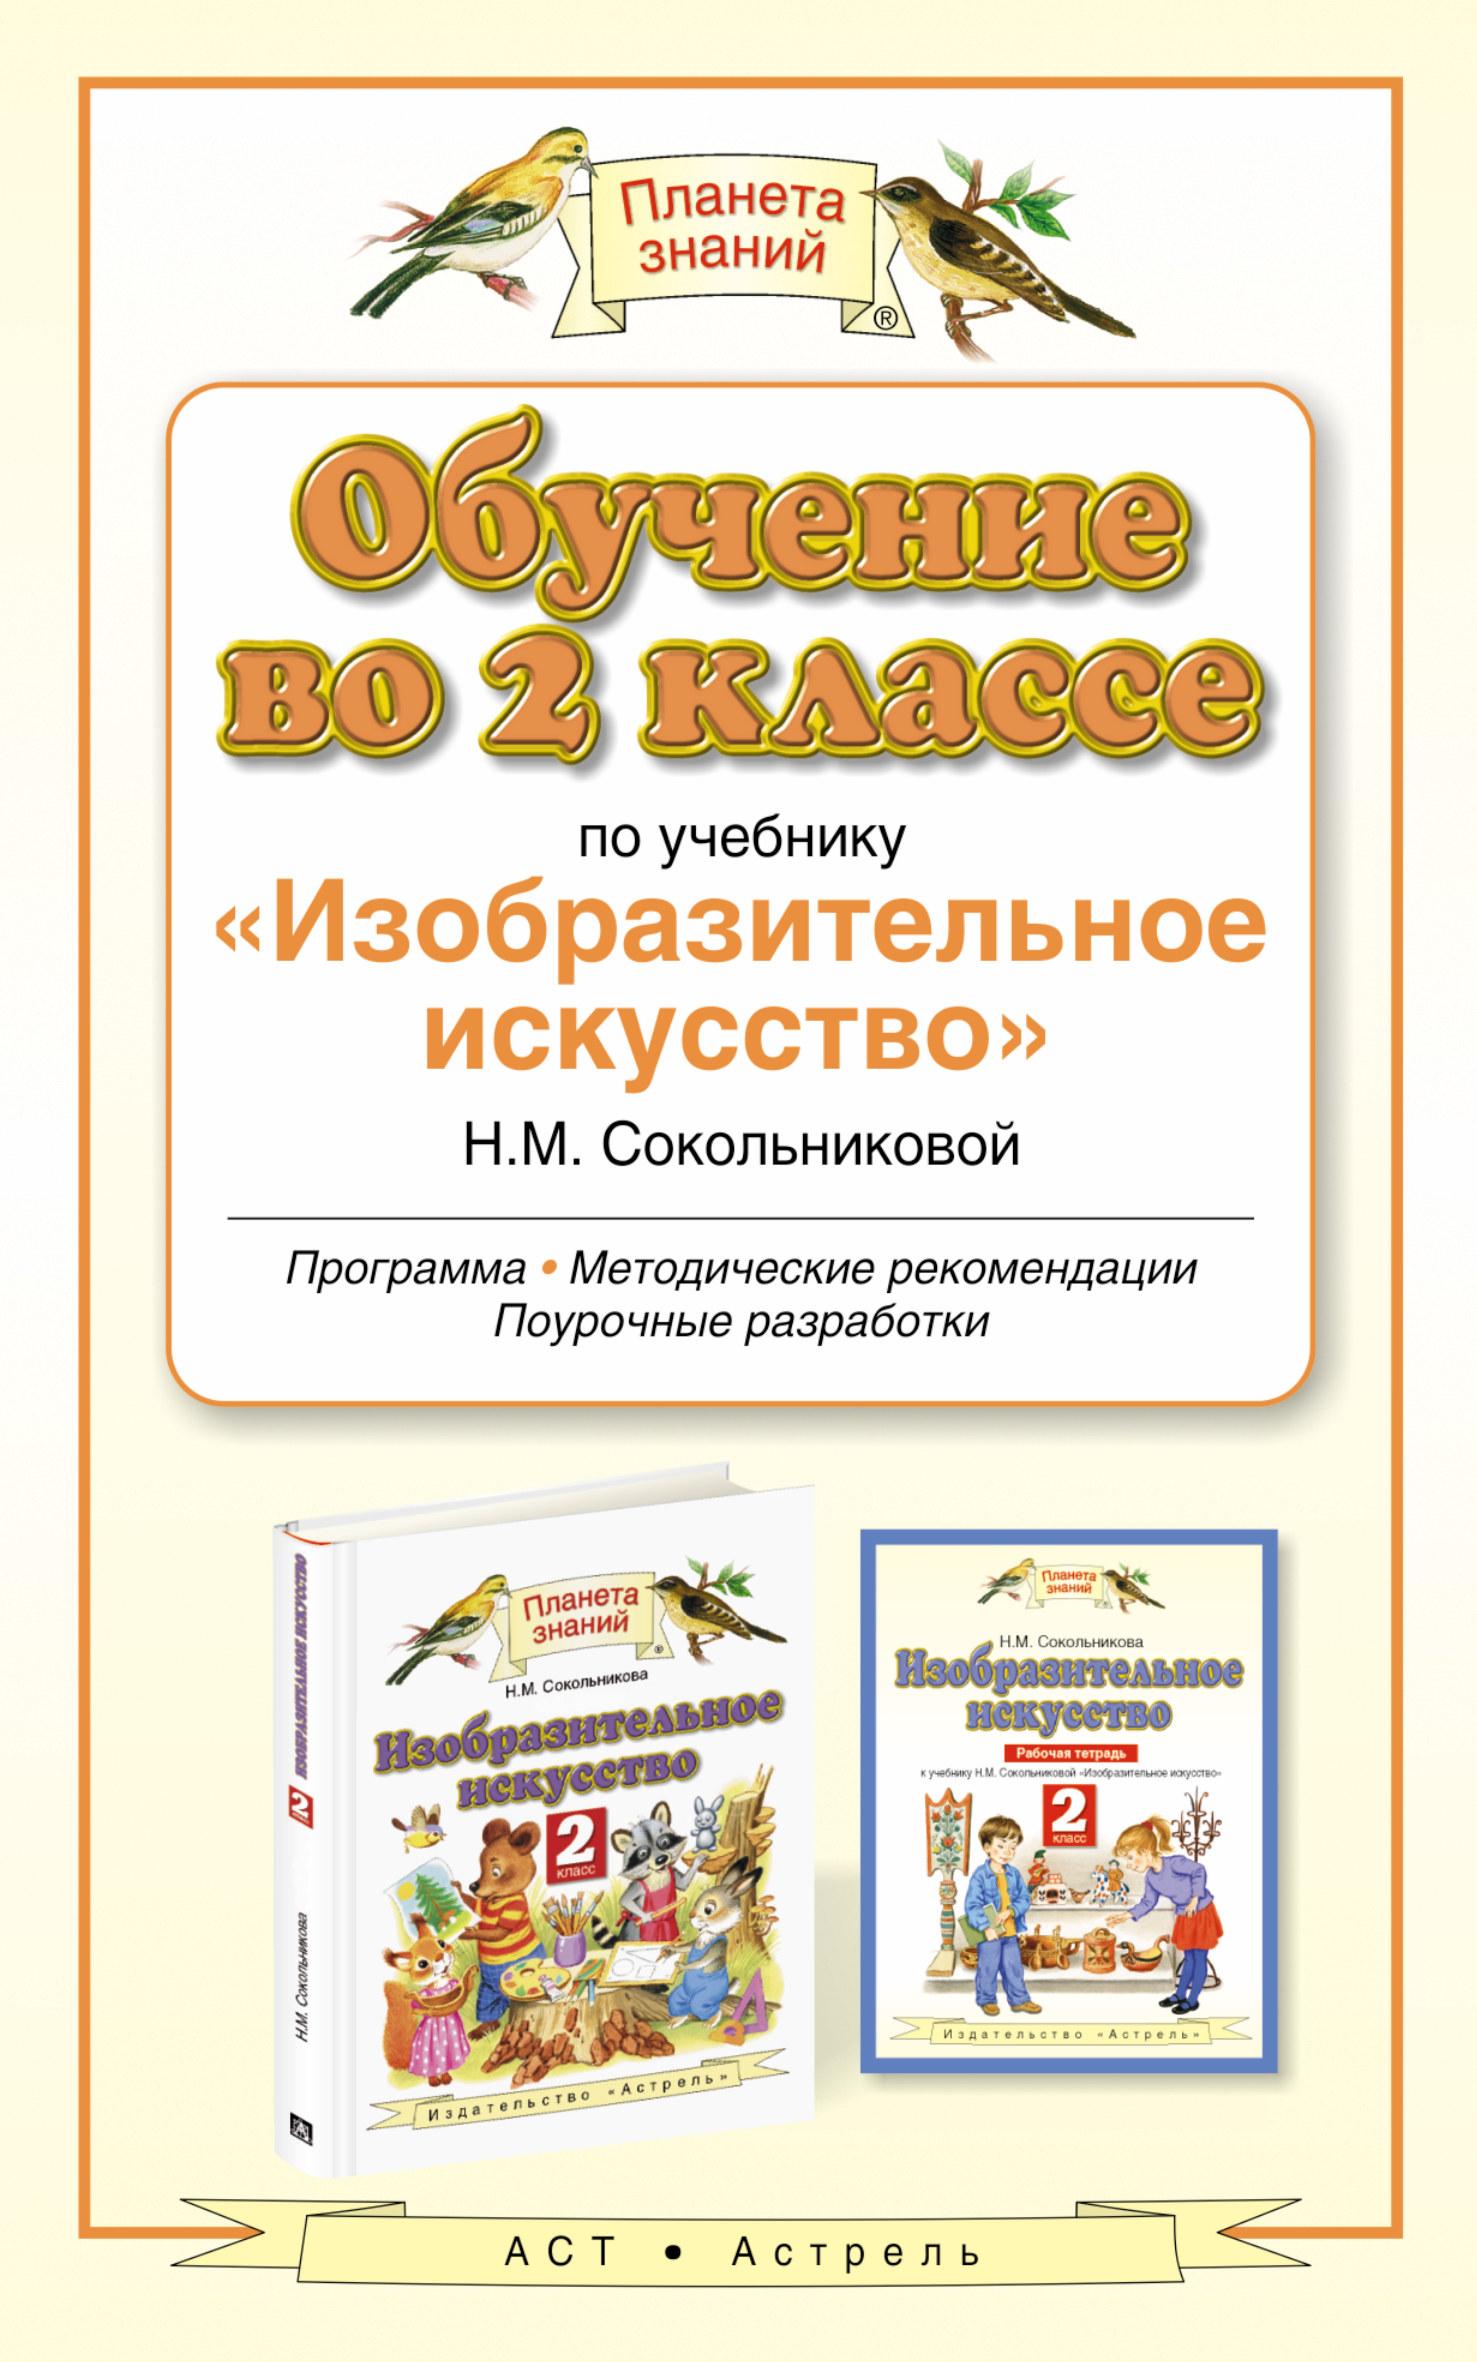 Обучение во 2 классе по учебнику «Изобразительное искусство» Н. М. Сокольниковой. Методическое пособие